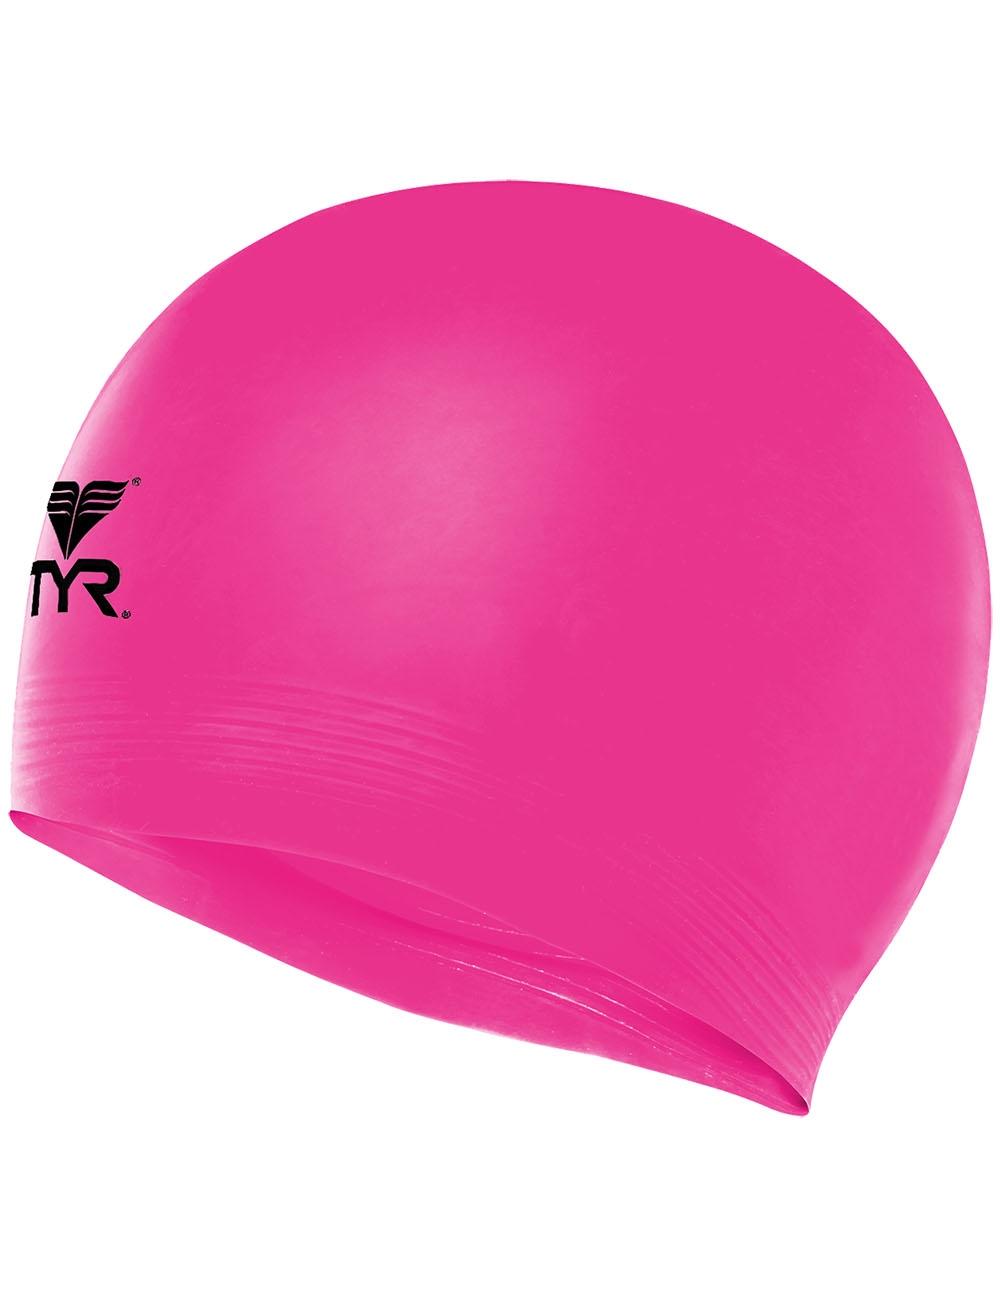 Шапочка плавательная Latex Swim Cap, латекс, LCL/670,  розовый